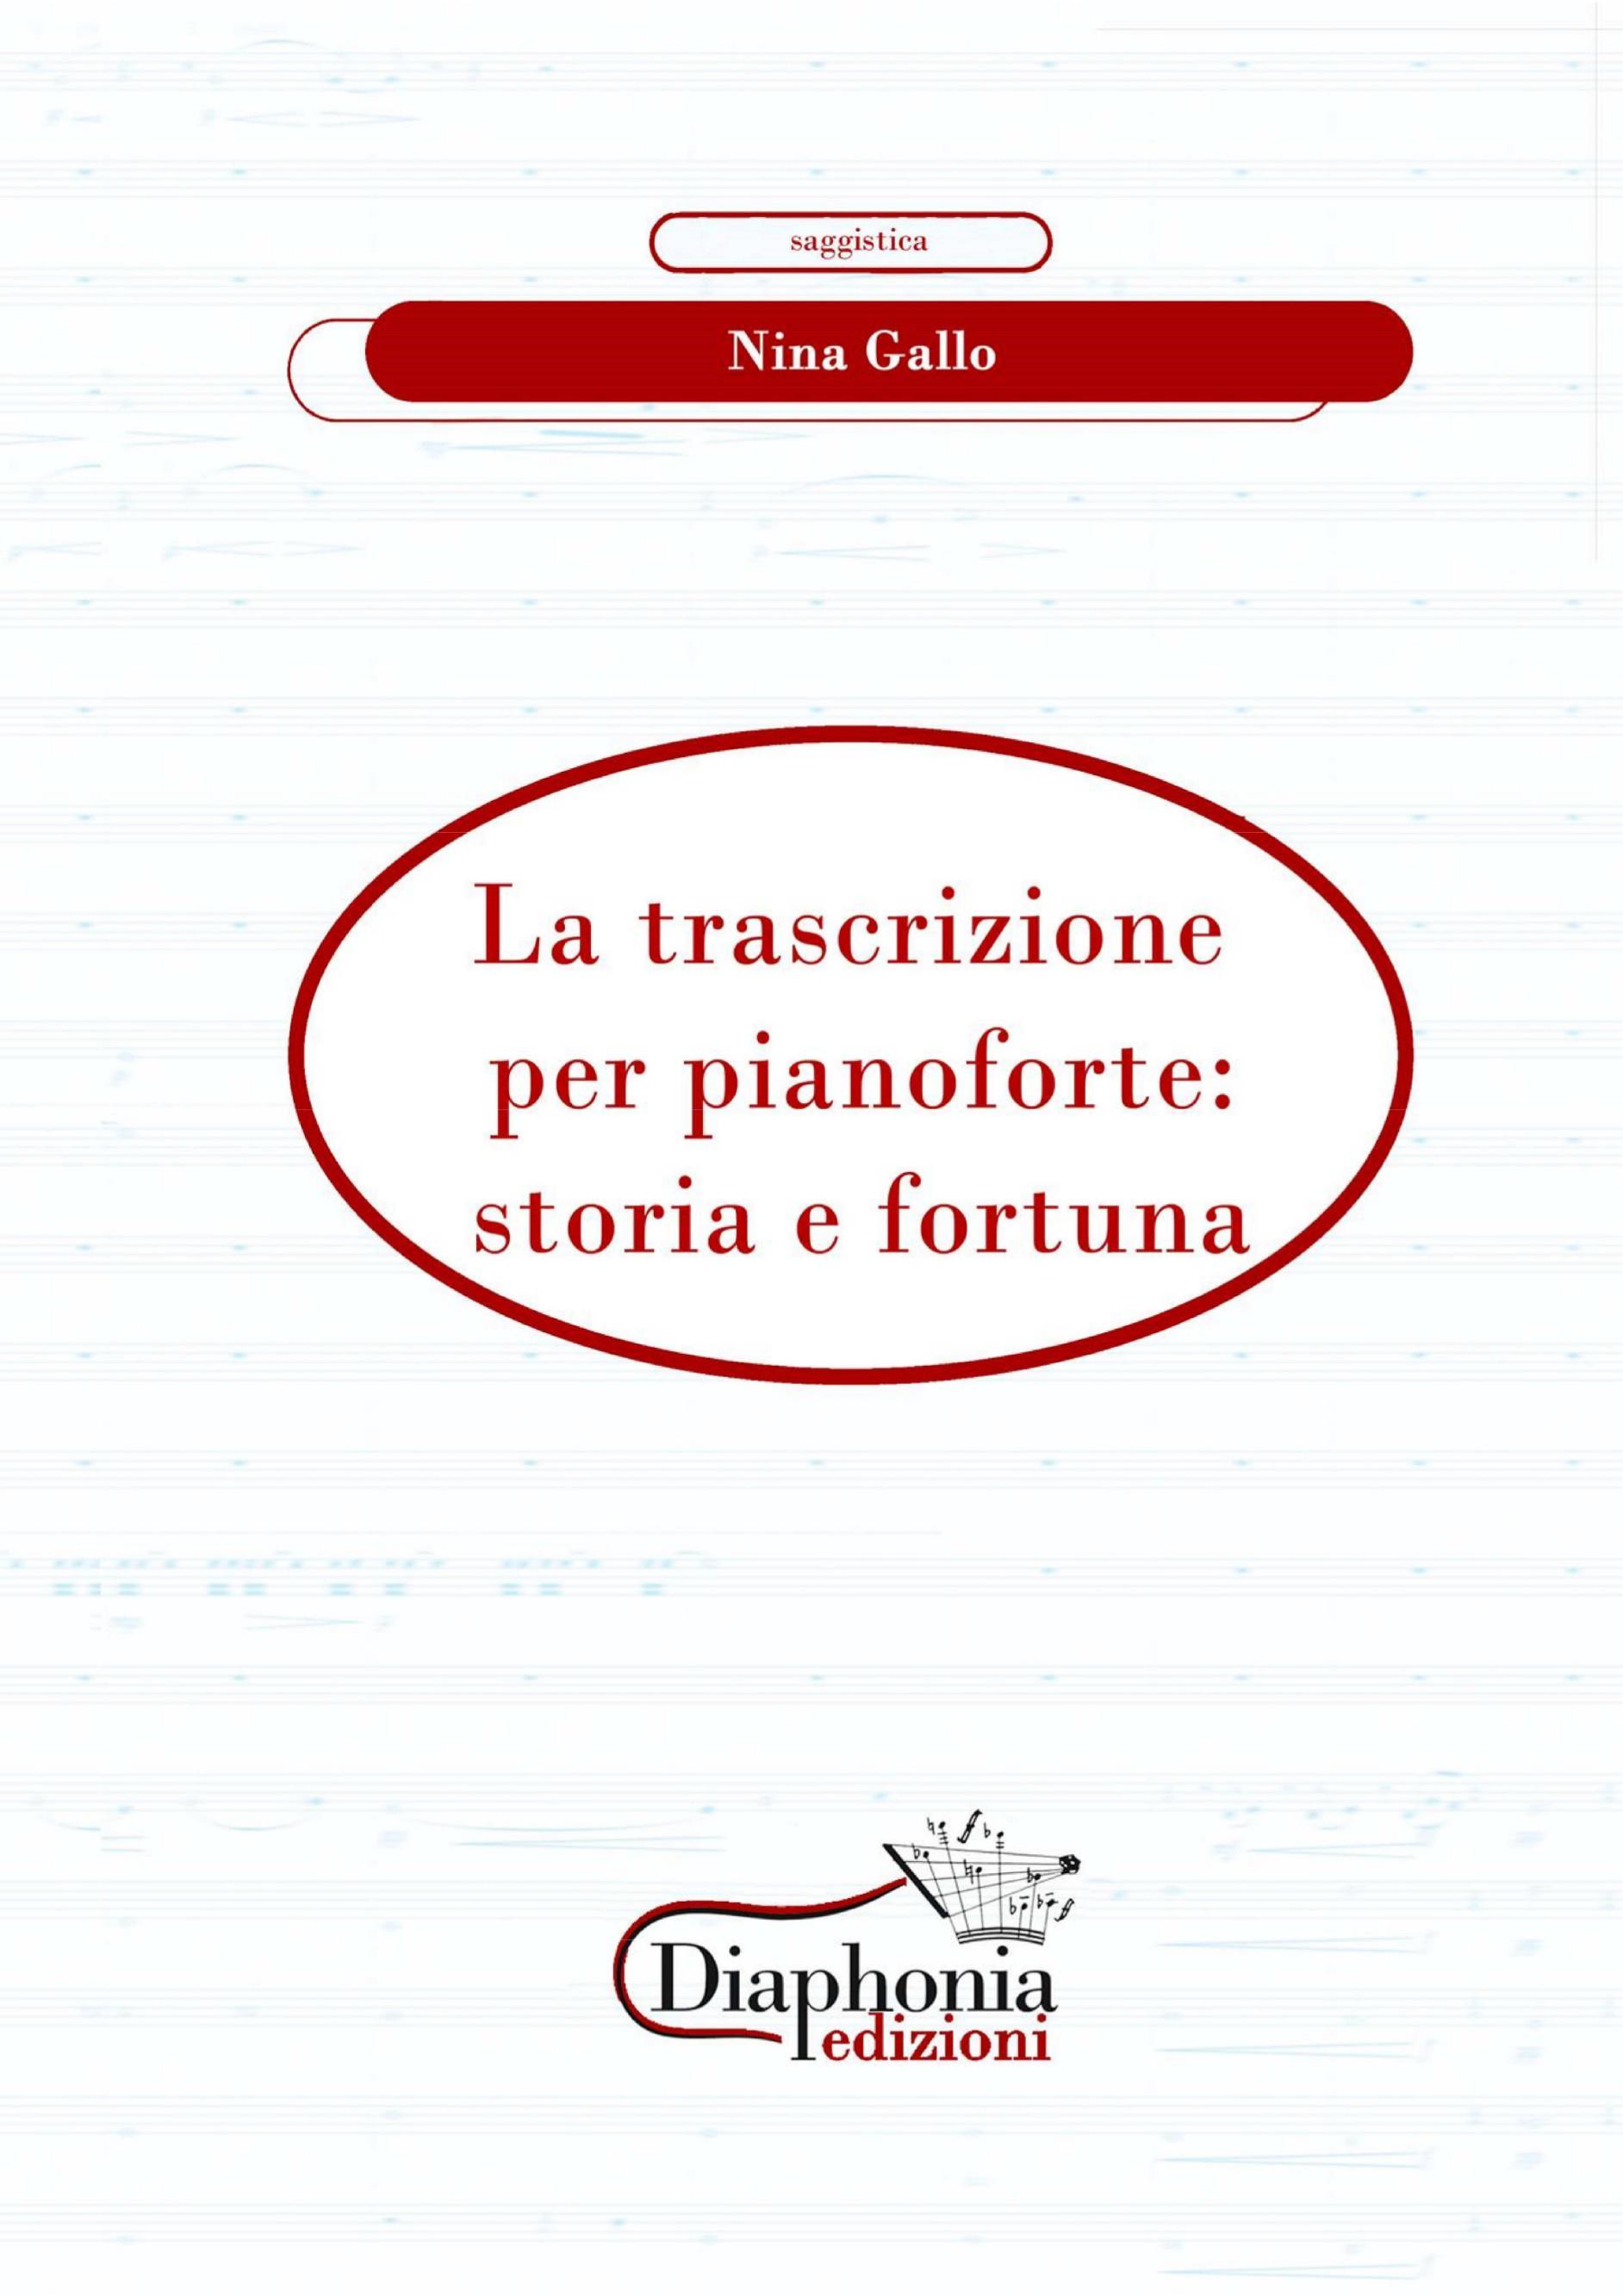 La trascrizione per pianoforte: storia e fortuna